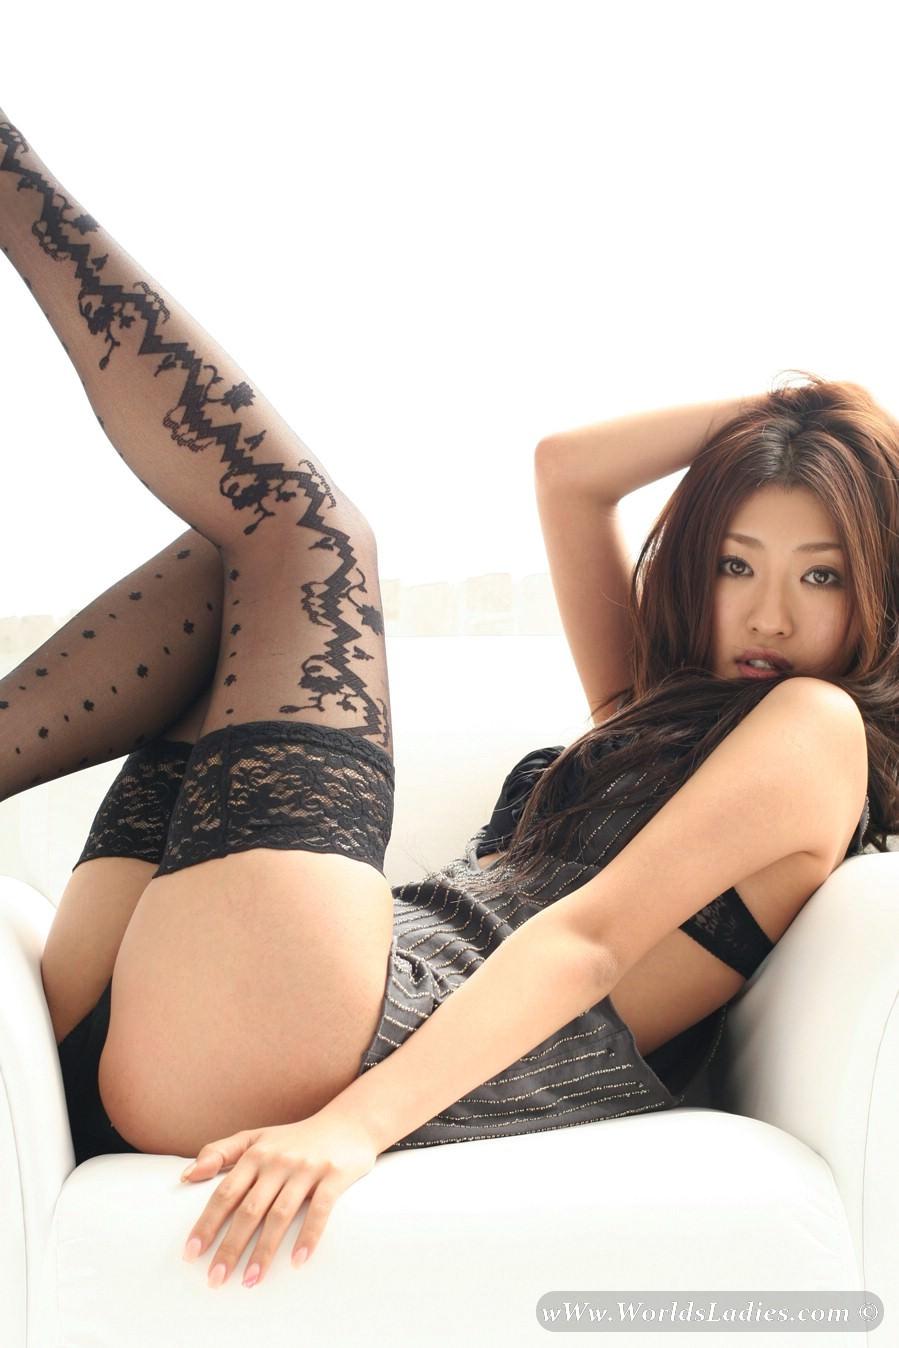 Sayaka Ando Photo Gallery